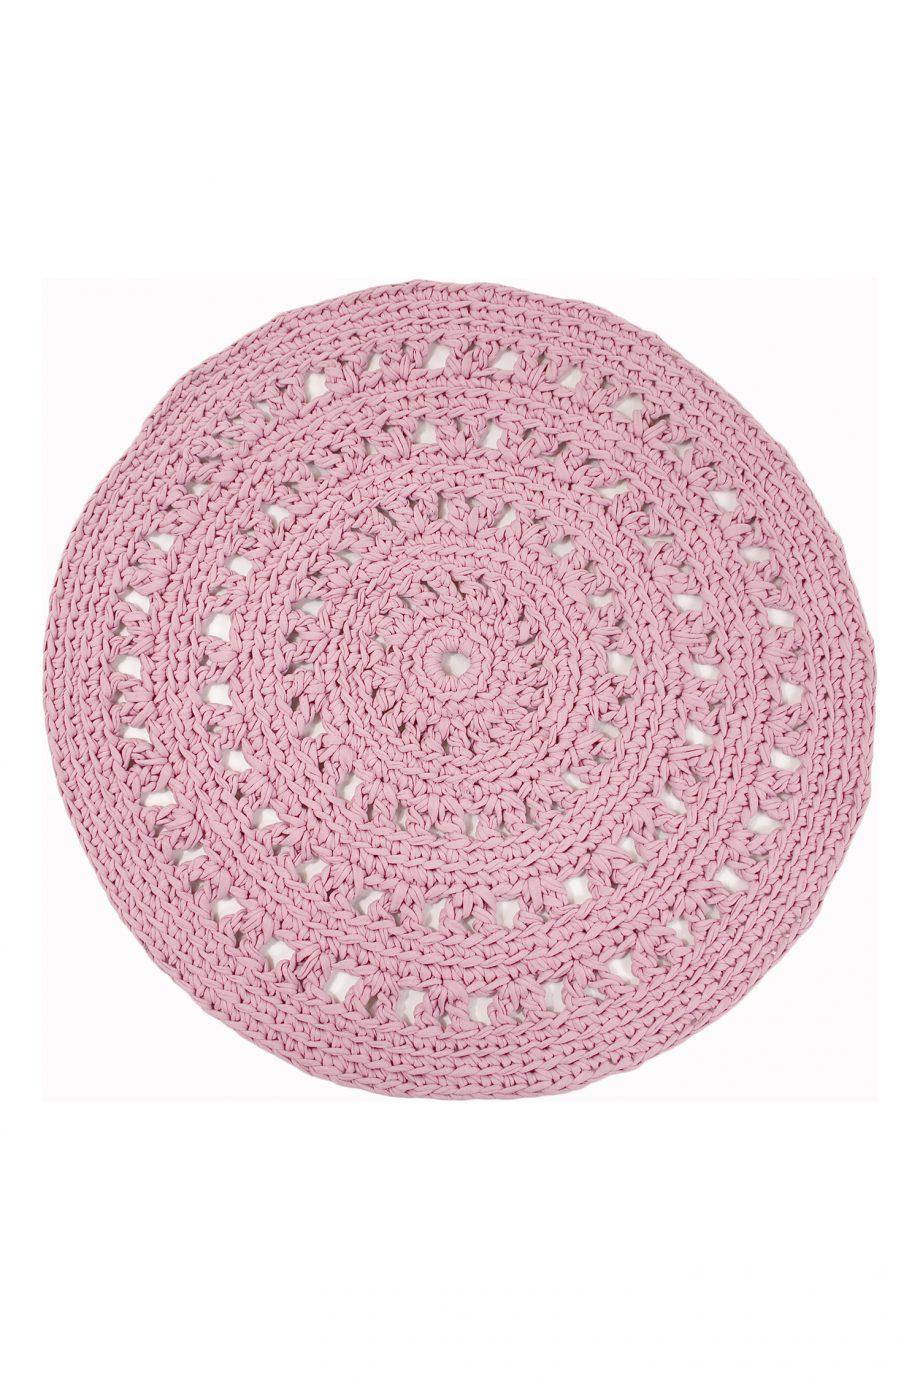 arab baby roze gehaakt katoenen kleed medium